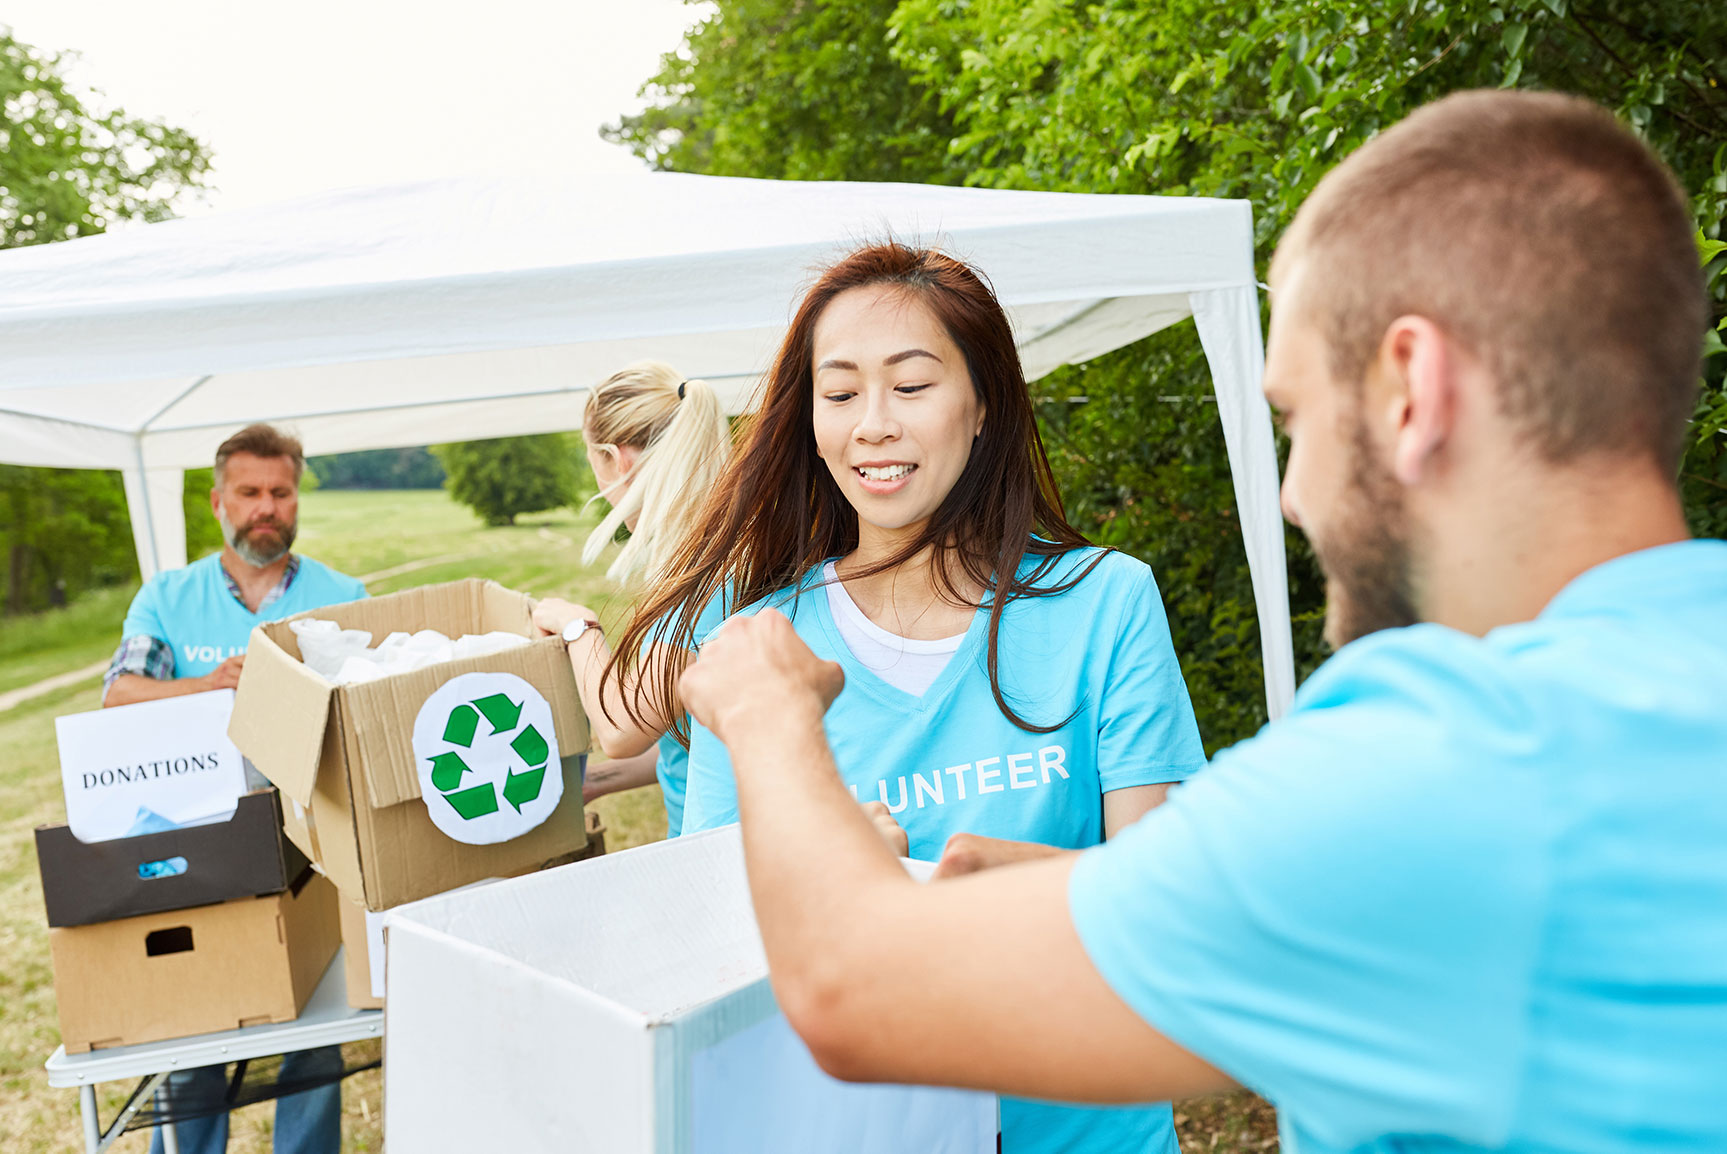 Deux hommes et deux femmes portant des t-shirts bleus de bénévoles lors d'un événement.